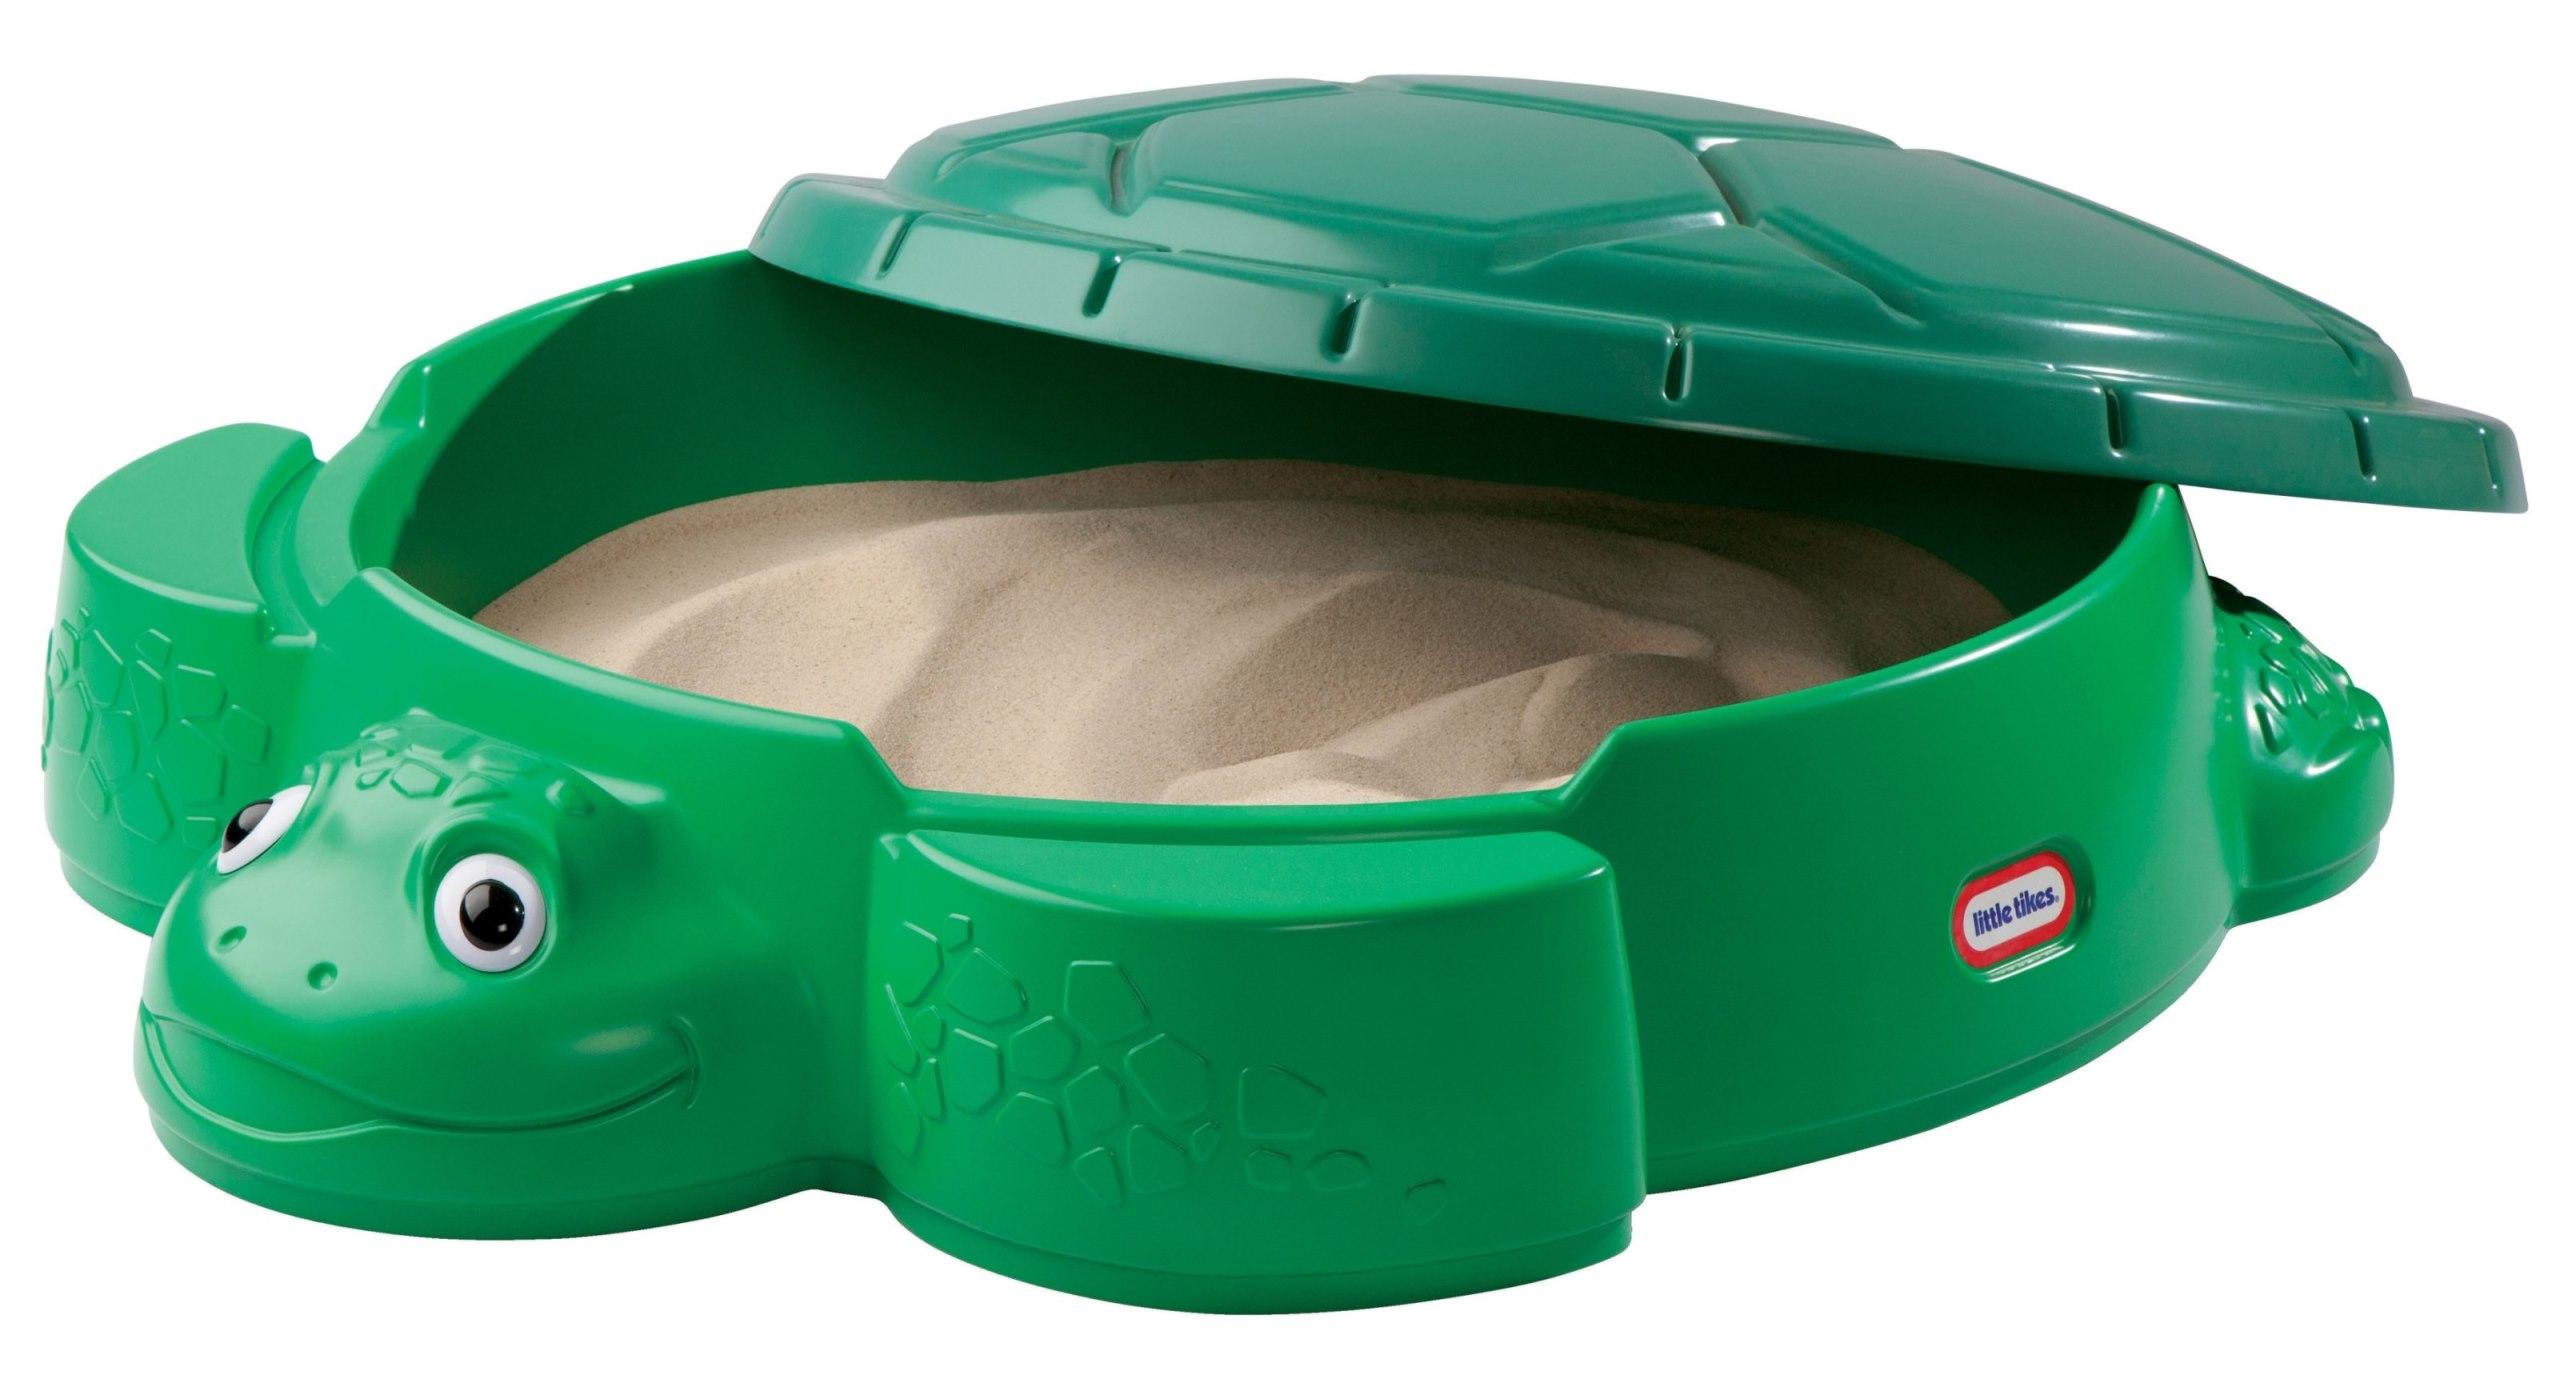 กระบะทรายขนาดใหญ่ Little Tikes Turtle Round Sandbox ลายลุงเต่าหลังตุง